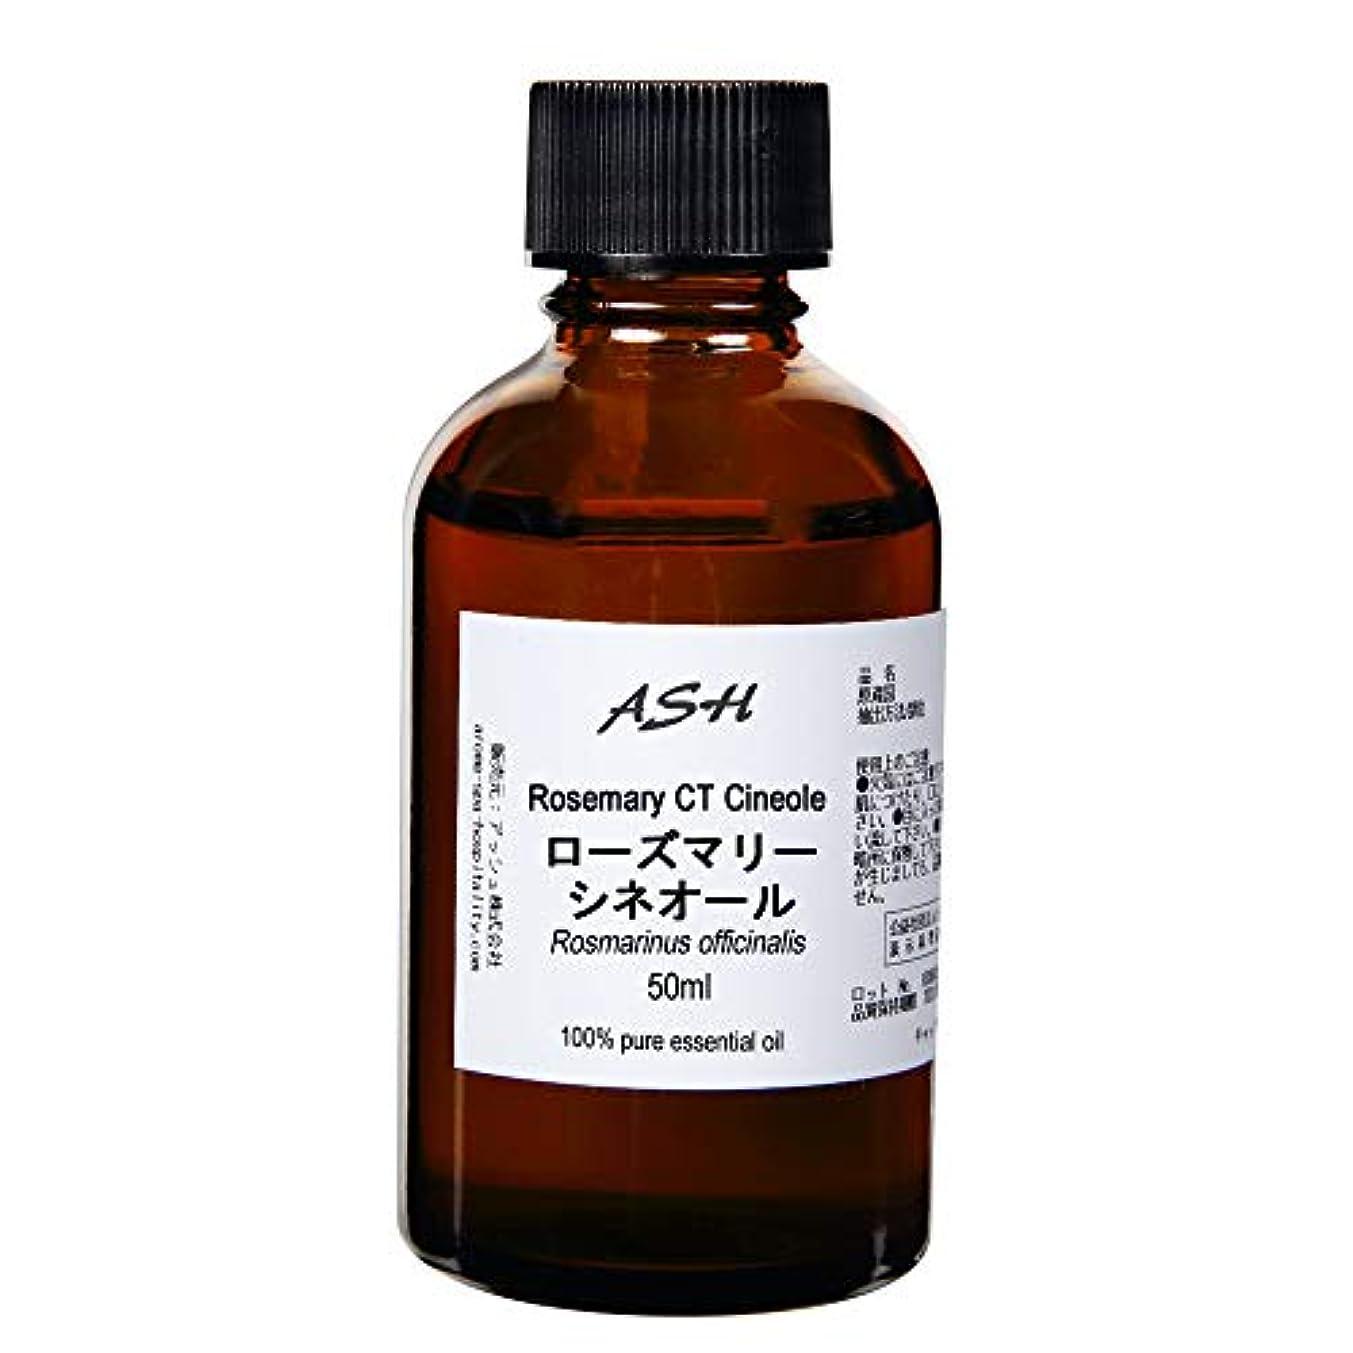 代表空流暢ASH ローズマリー (CTシネオール) エッセンシャルオイル 50ml AEAJ表示基準適合認定精油